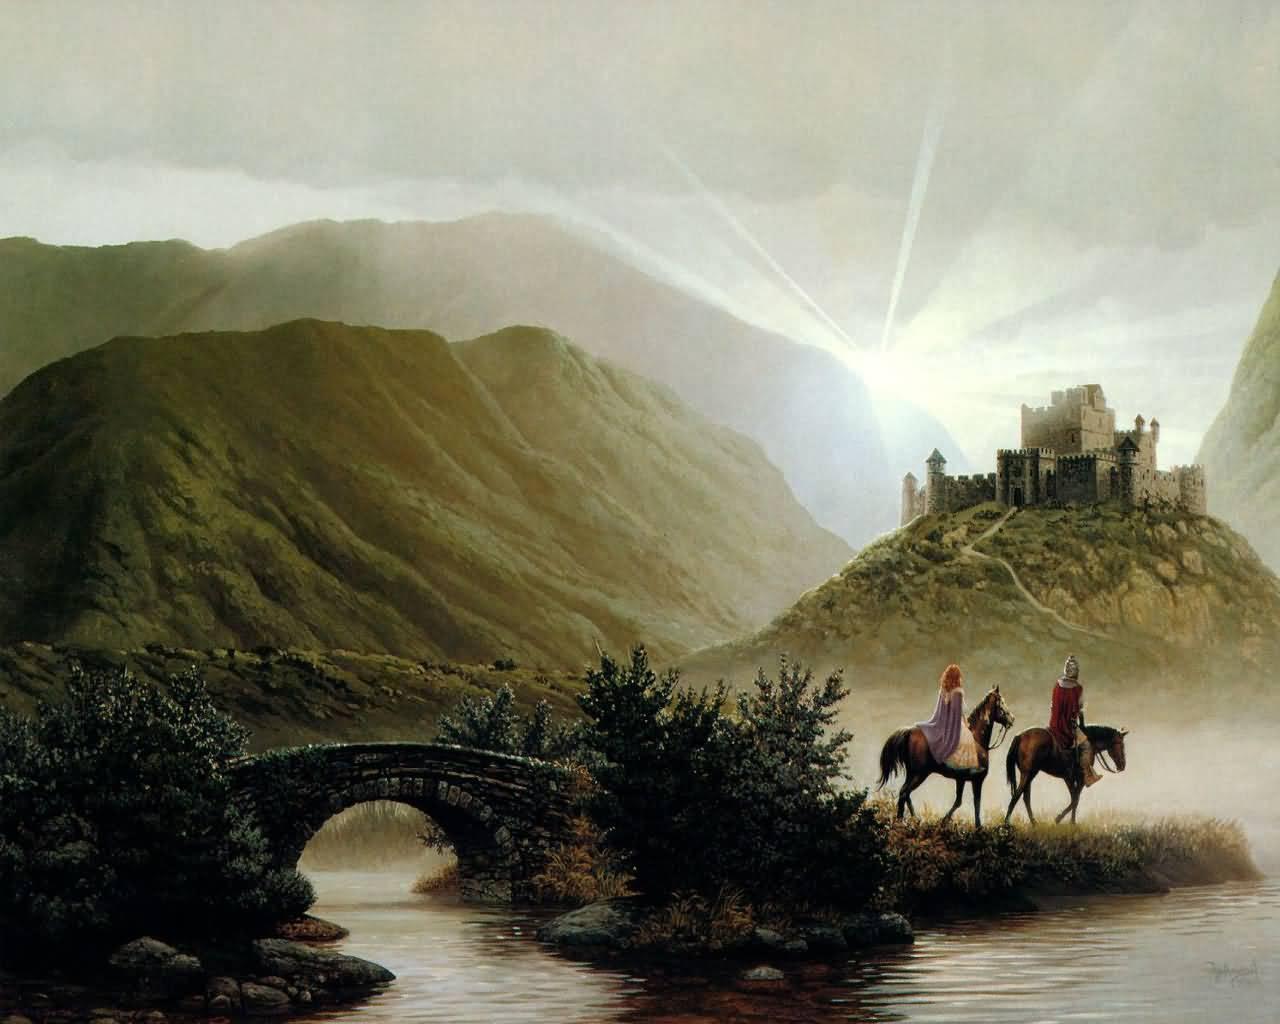 http://3.bp.blogspot.com/_mewoAJTOt9U/TATXLPw87XI/AAAAAAAAACc/GxlgYLPTZ-0/s1600/castle-fantasy-wallpapers.jpg